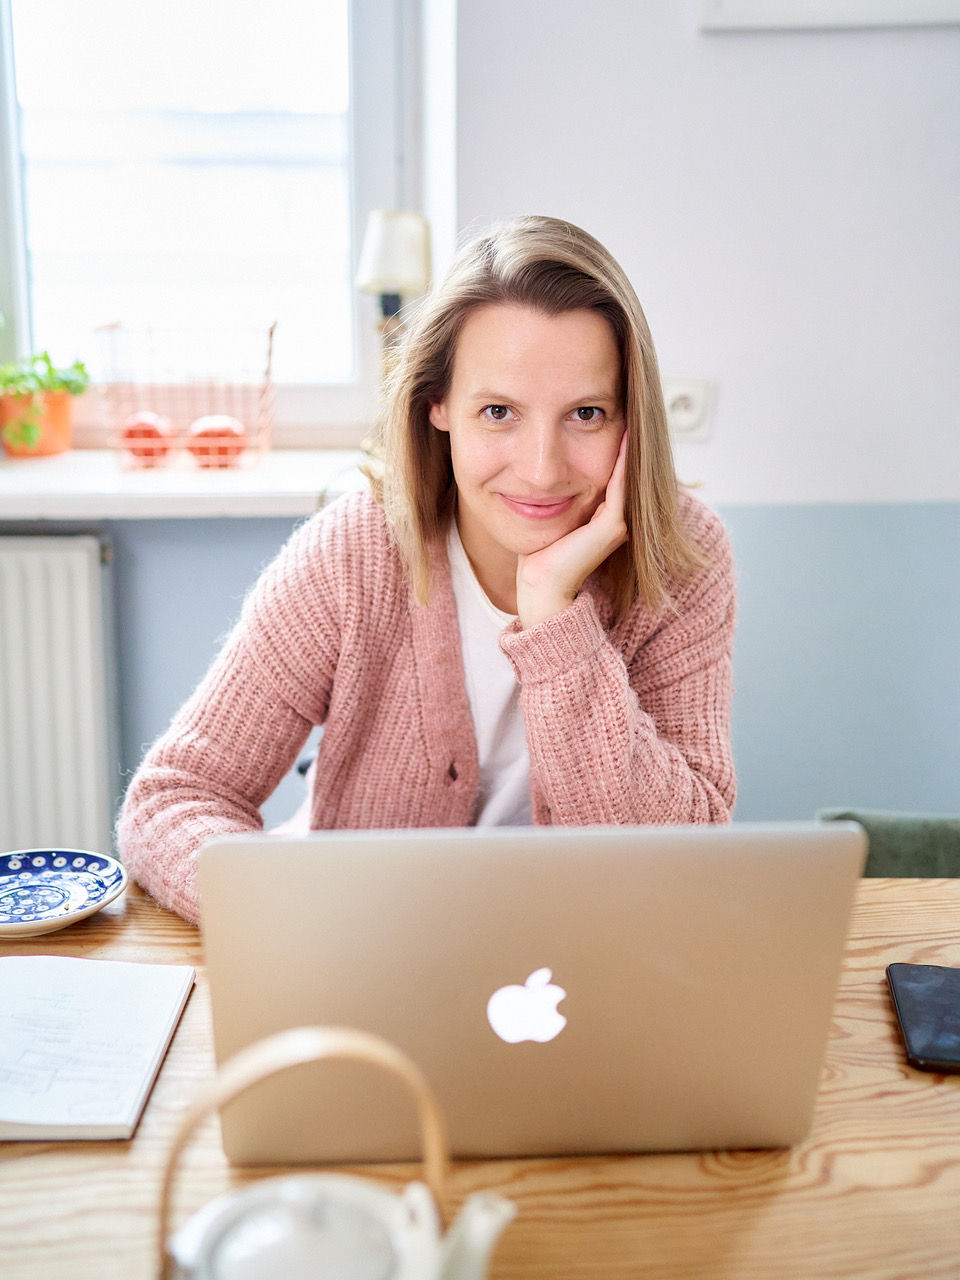 Bożena Kowalkowska – pochodzi z Lubawy. Absolwentka filologii polskiej na Uniwersytecie Warszawskim, dziennikarka, autorka książek. W lipcu nakładem Wydawnictwa Wielka Litera ukazała się jej najnowsza książka